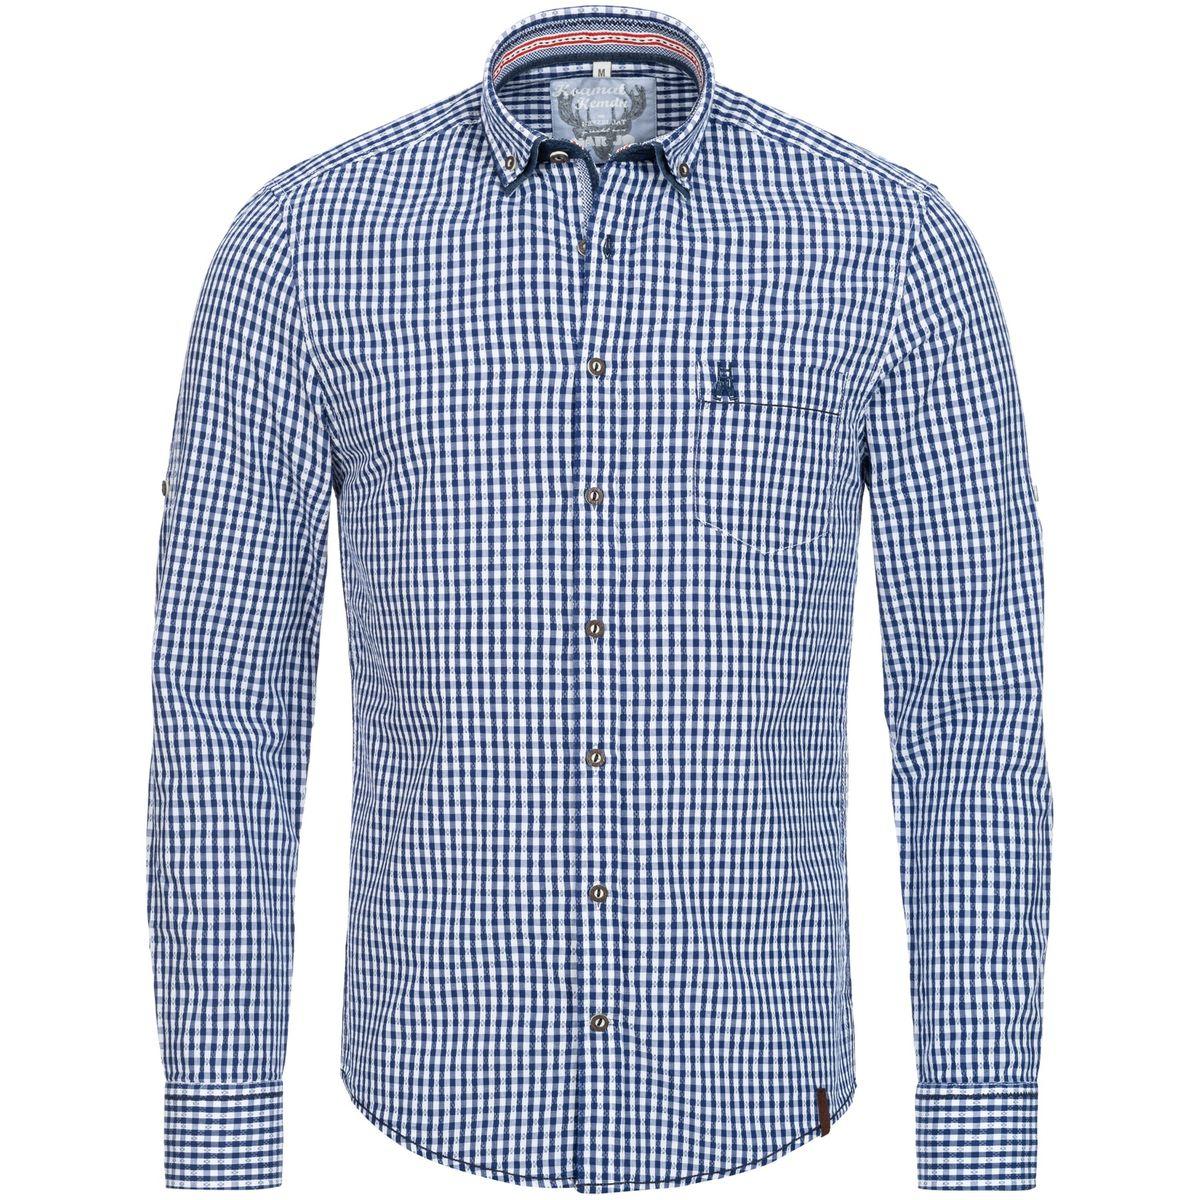 Trachtenhemd Slimline Fatos in Blau von Marjo Trachten günstig online kaufen